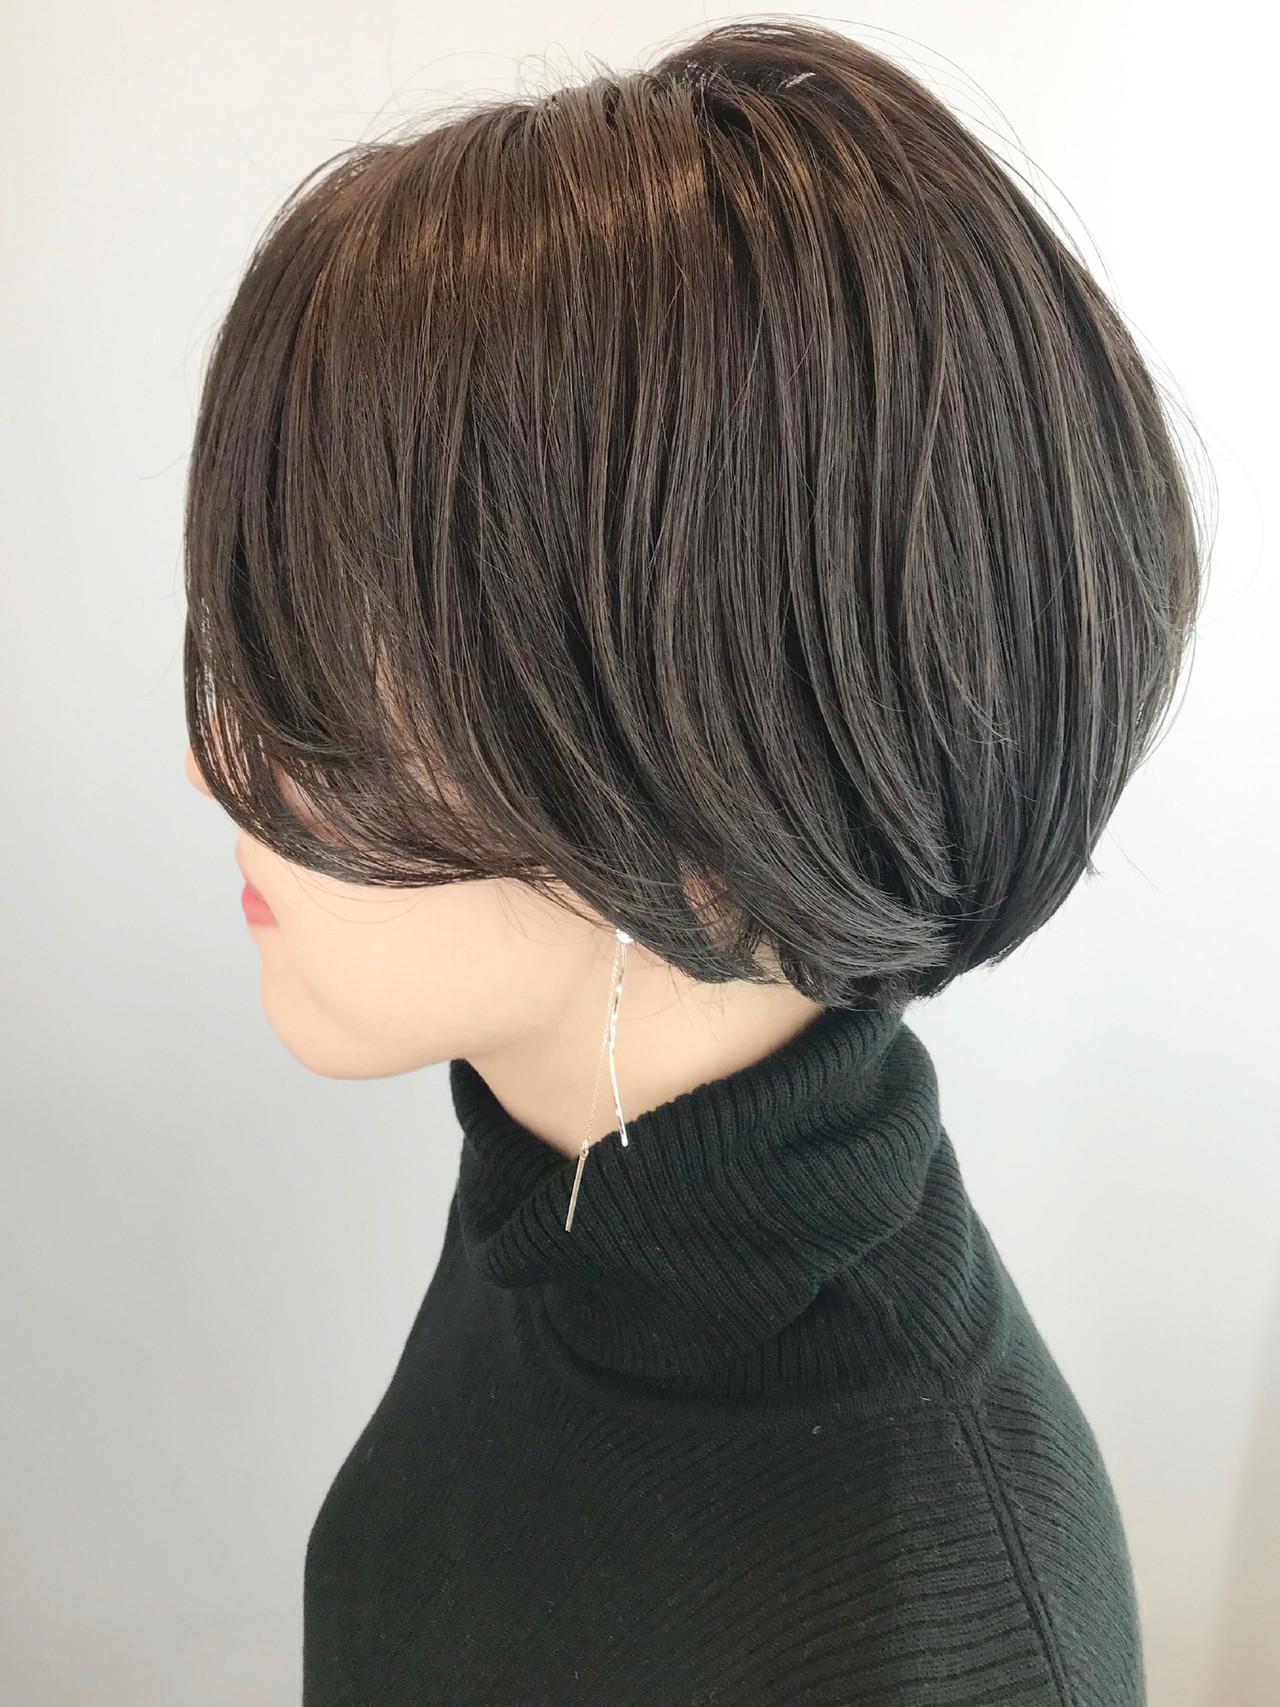 ショート ナチュラル オフィス ハンサムショート ヘアスタイルや髪型の写真・画像 | Hiroさん / H+by Airsalon